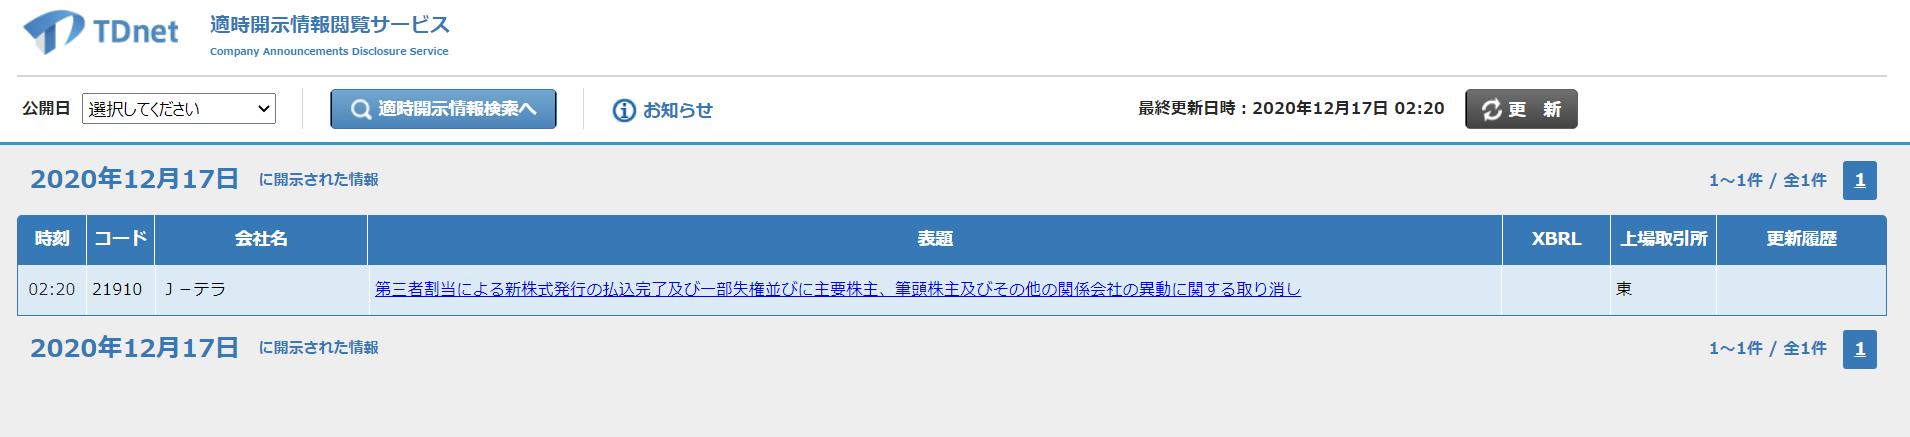 上場 廃止 オンキヨー